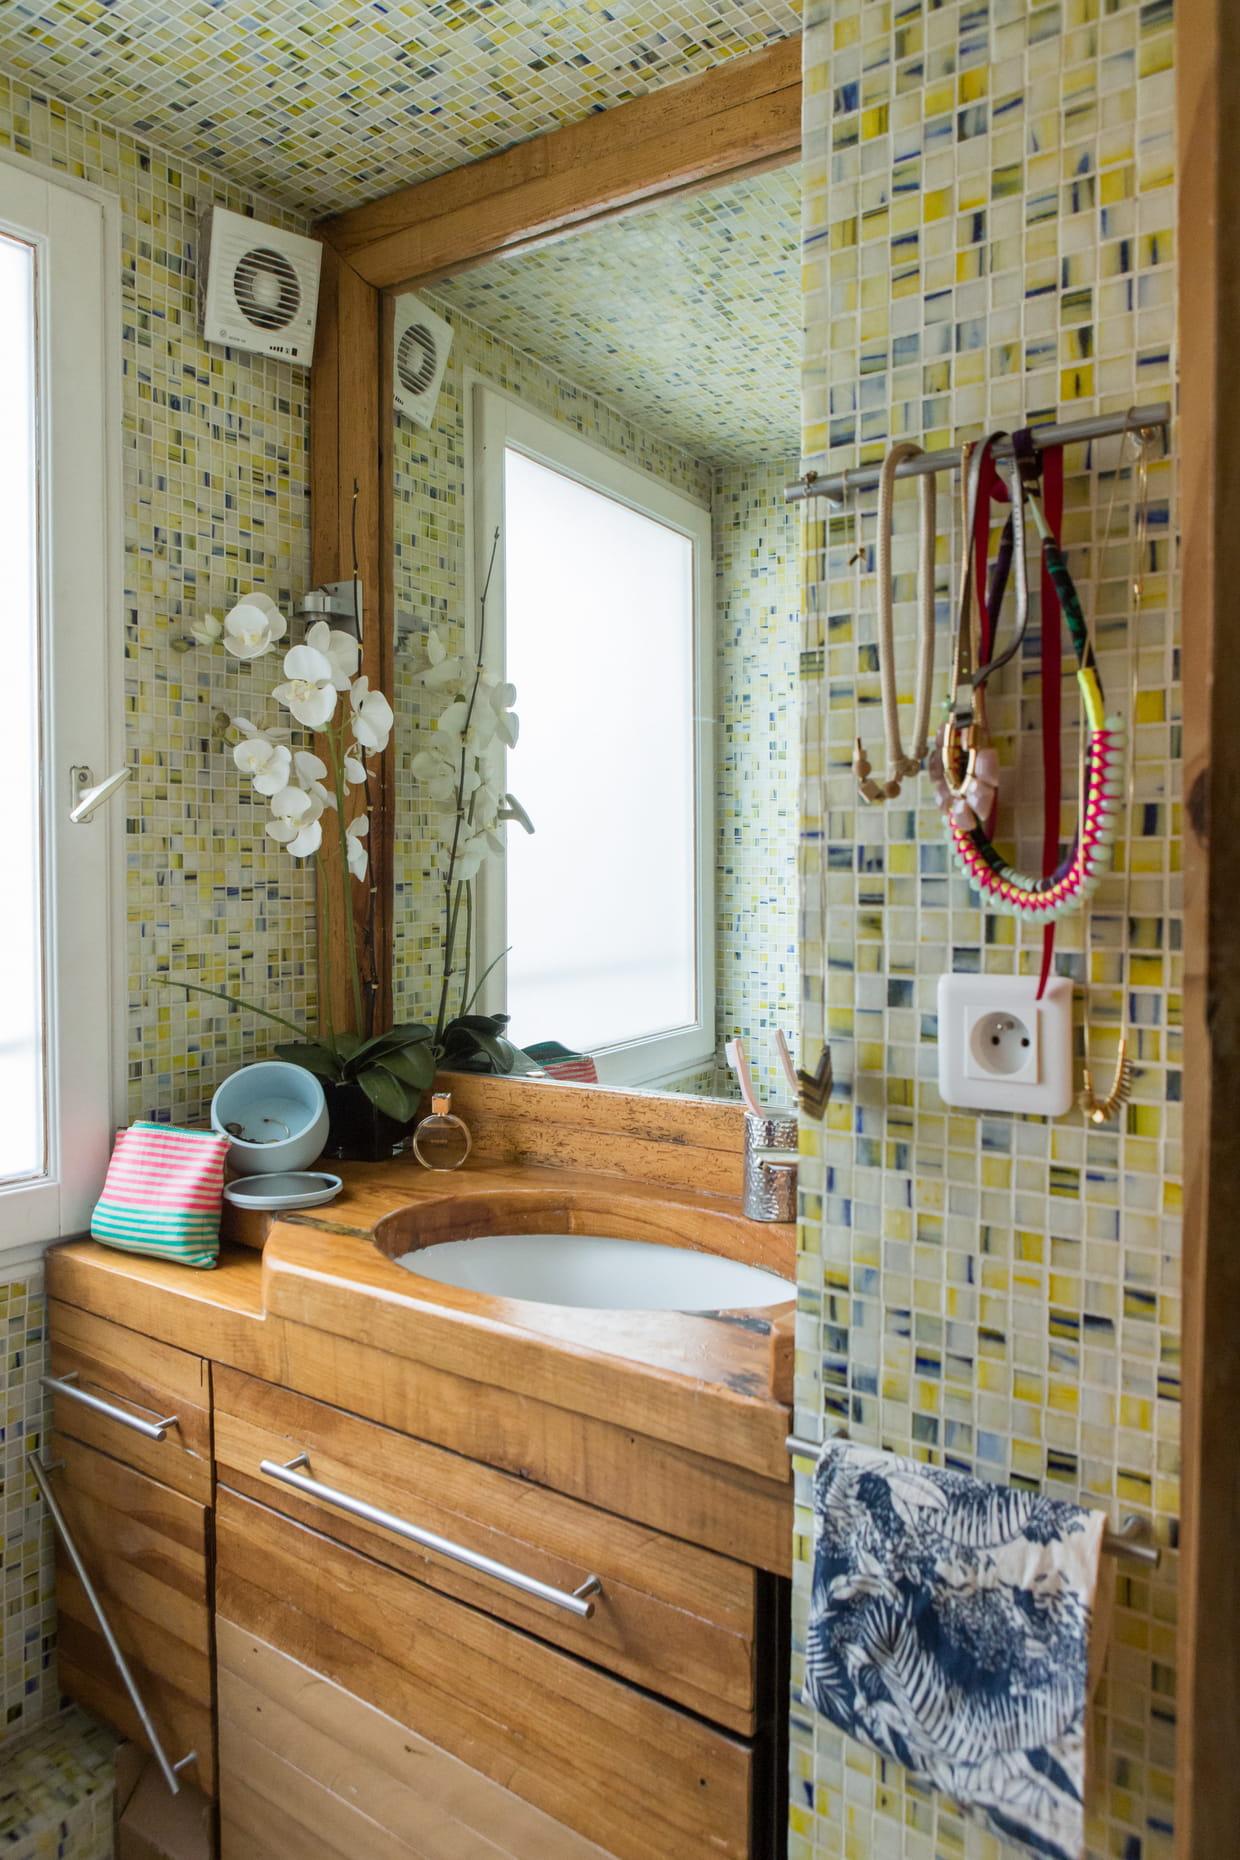 Salle De Bain Bois Et Mosaique : Salle de bains en bois et mosaïque